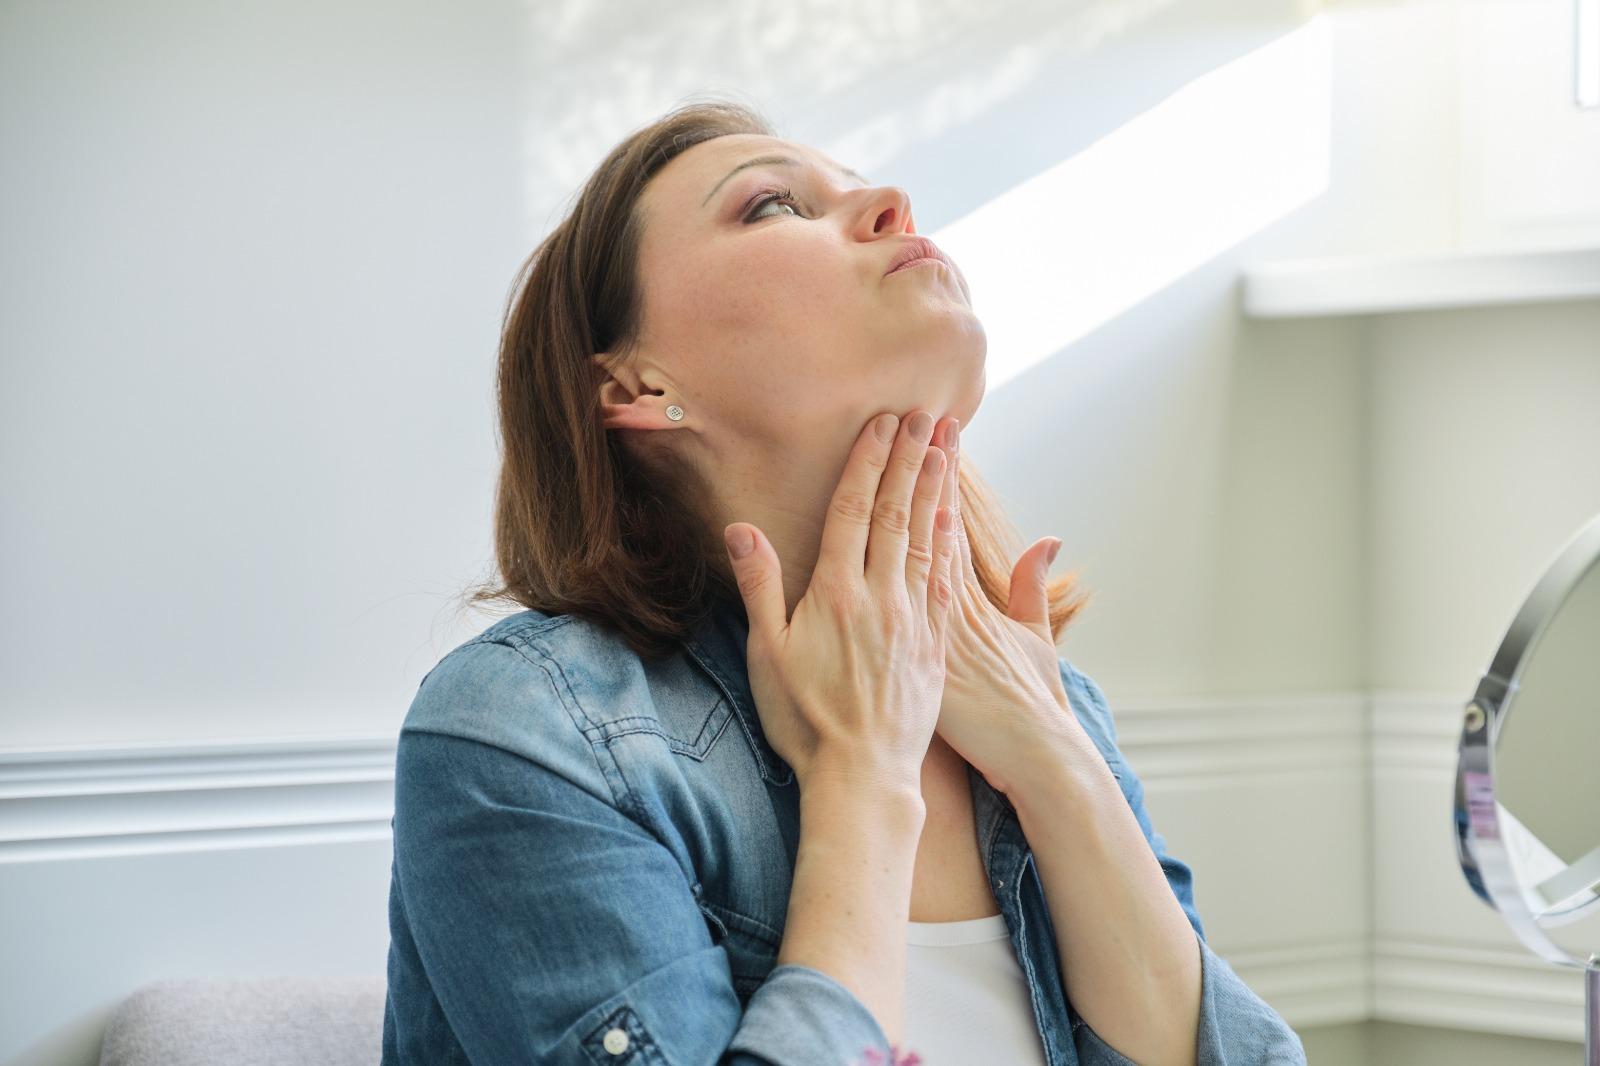 מתיחת צוואר ללא ניתוח הרבה יותר פשוט ממה שחושבים